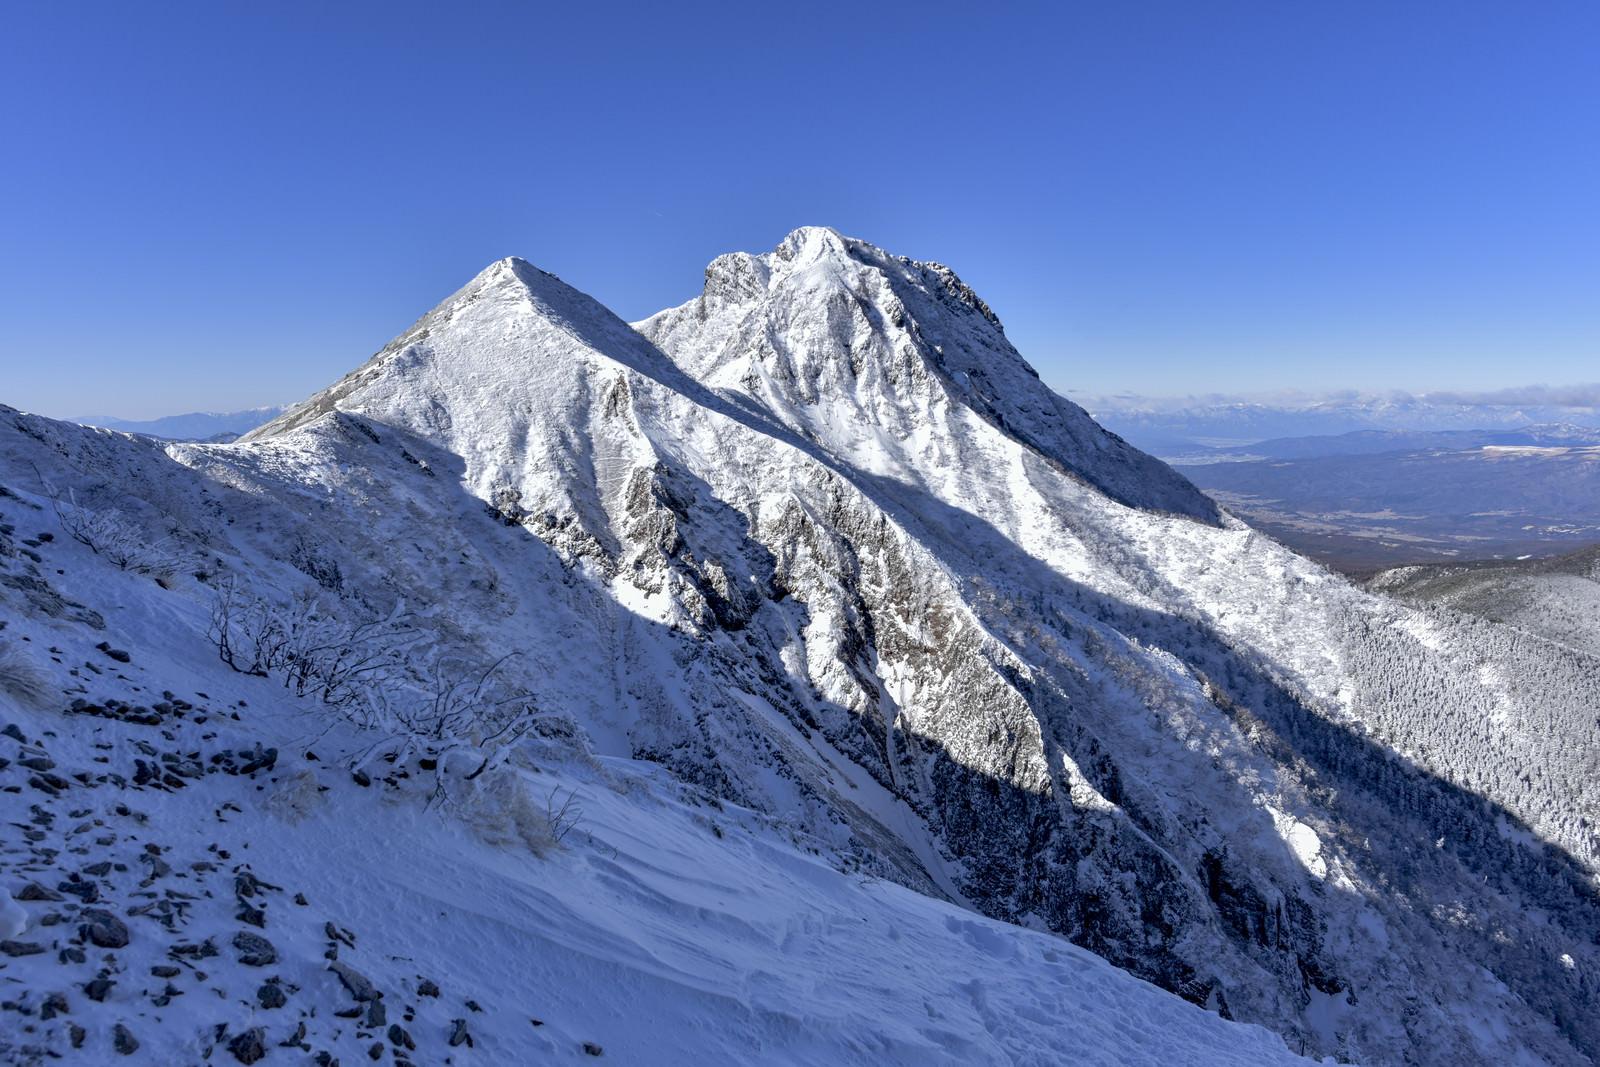 「冬の文三郎尾根中腹から見る阿弥陀岳」の写真